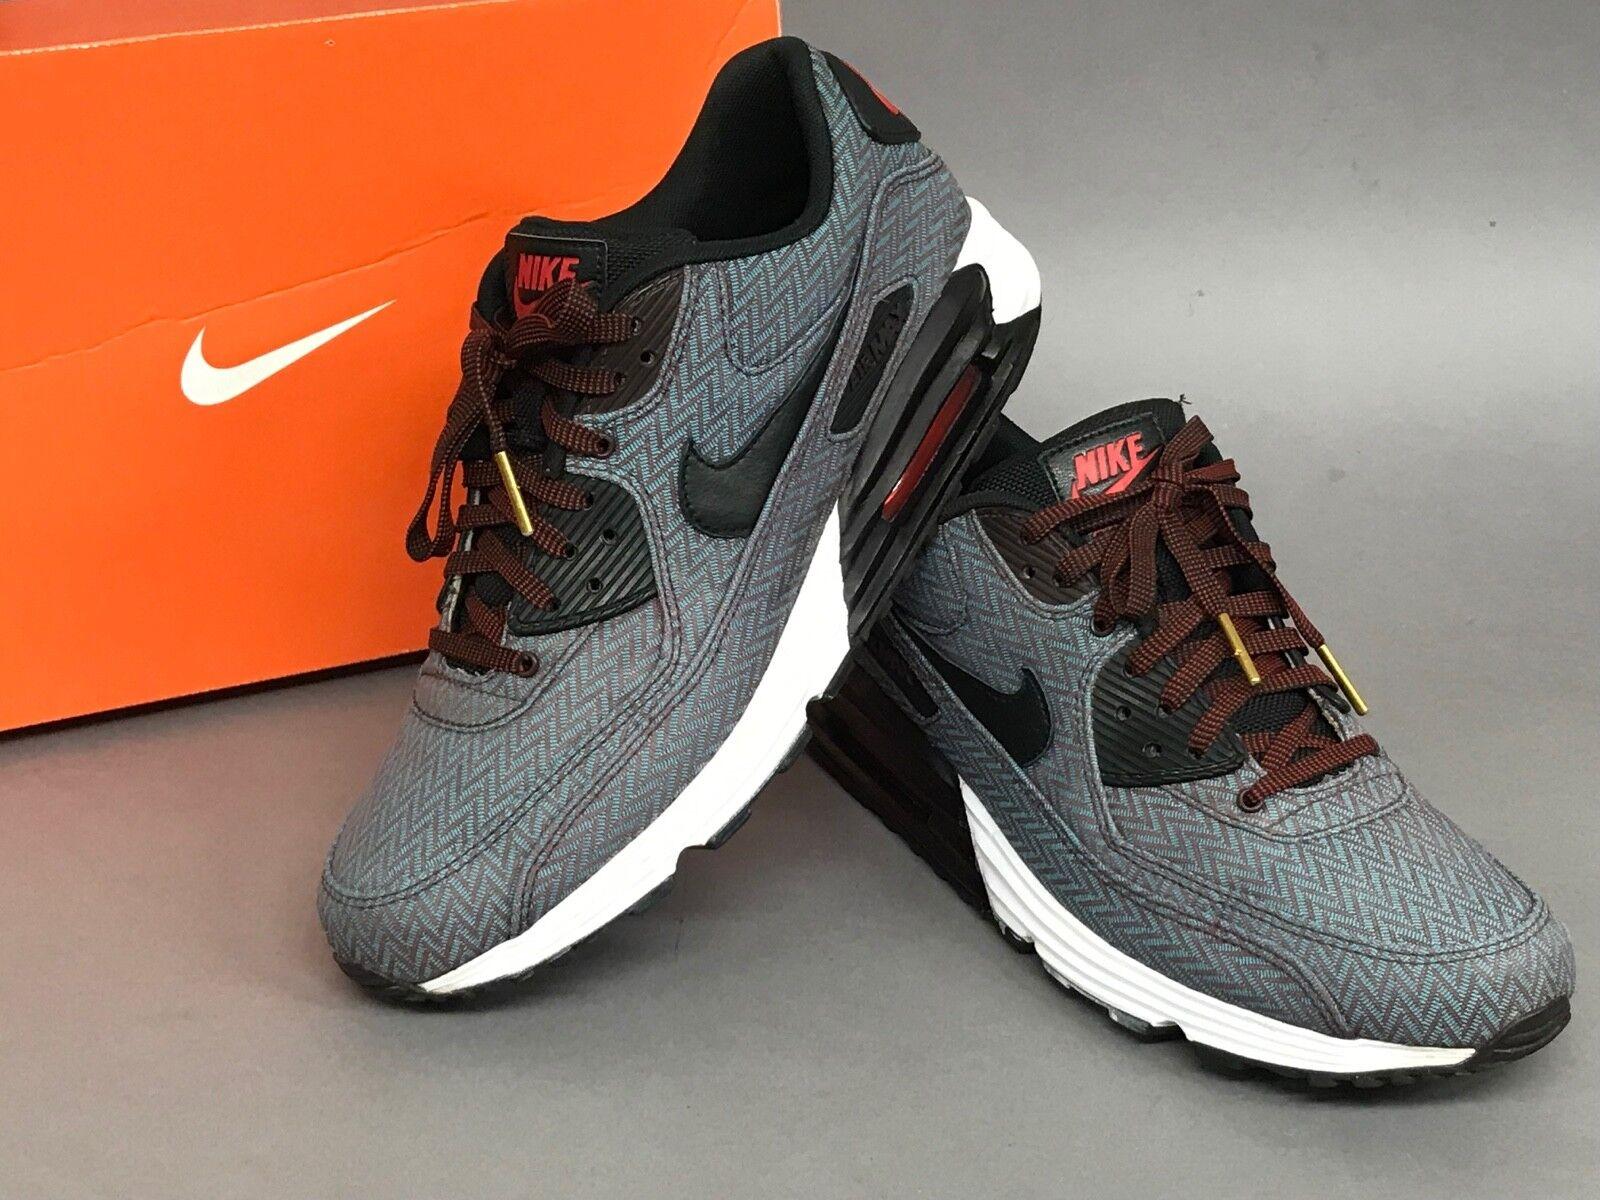 Nike Air Max Lunar 90 PRM QS Size 9.5 US 8.5 Herringbone Lunarlon